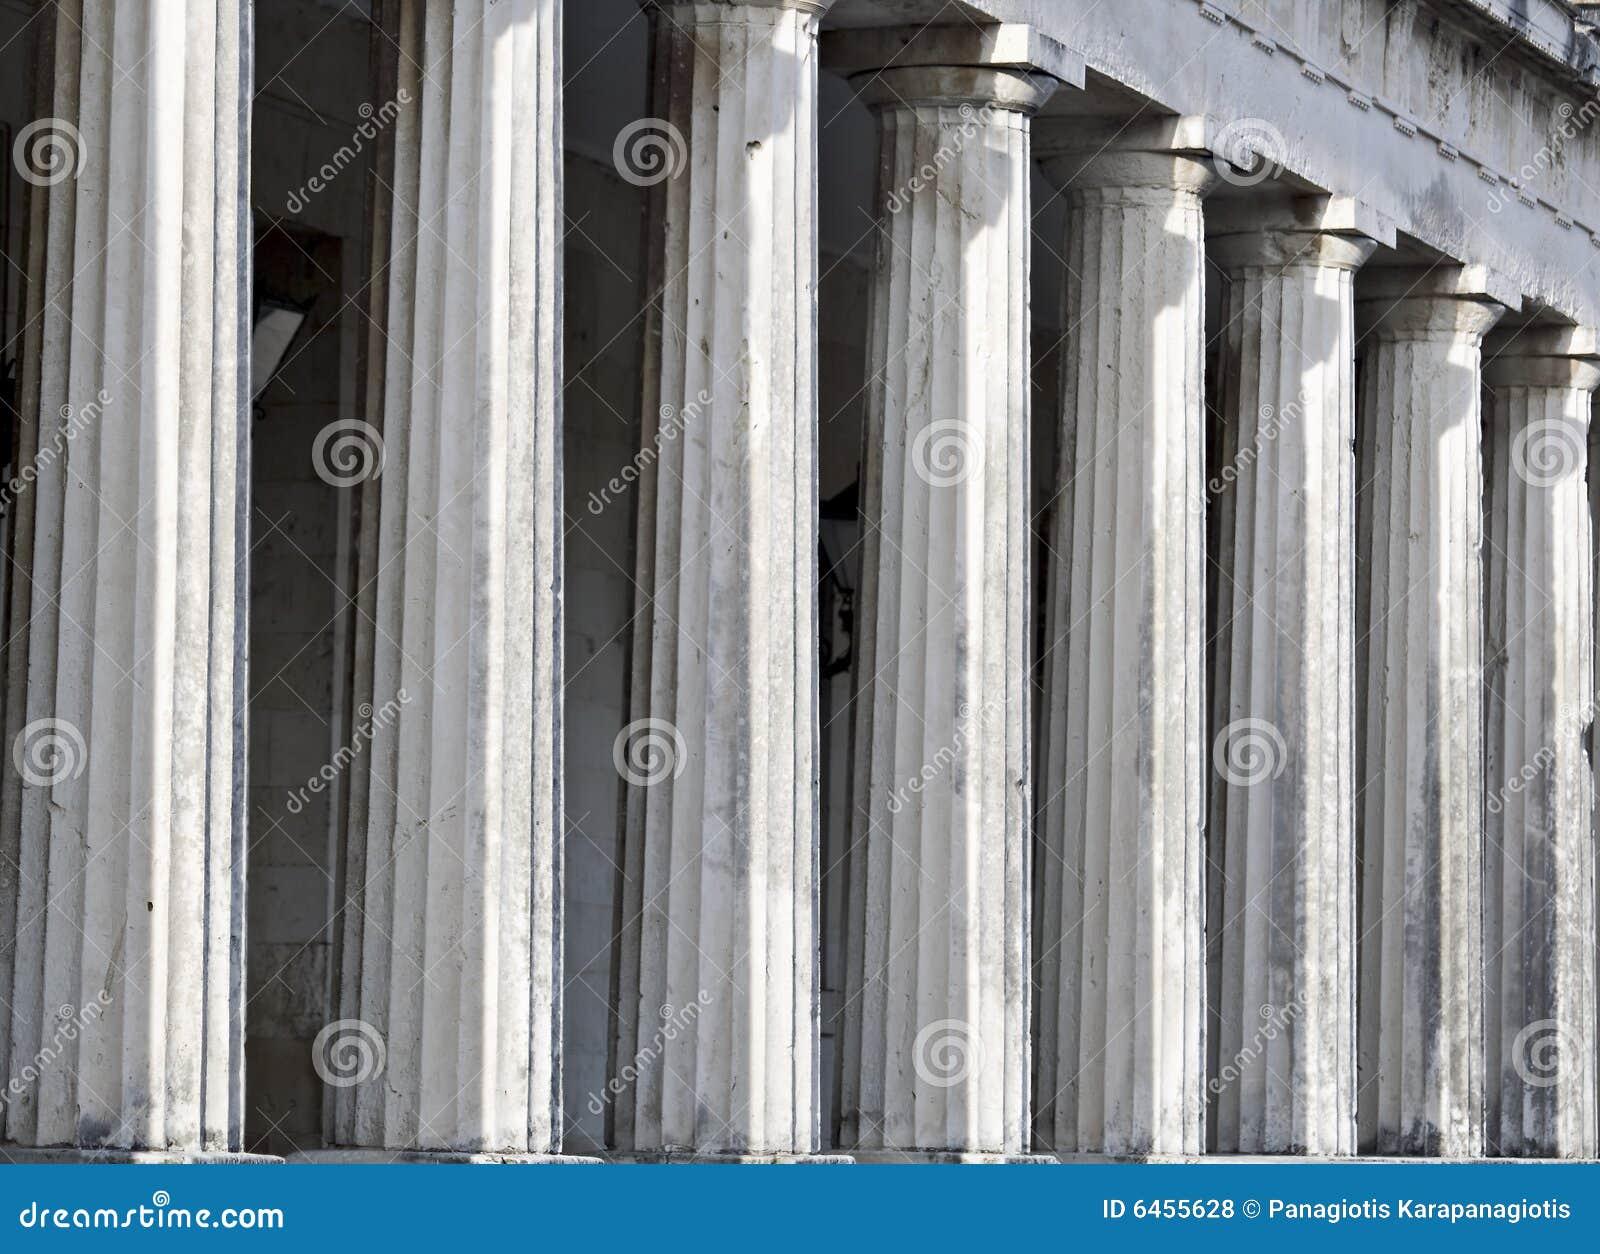 σειρά στυλοβατών αρχαίου Έλληνα